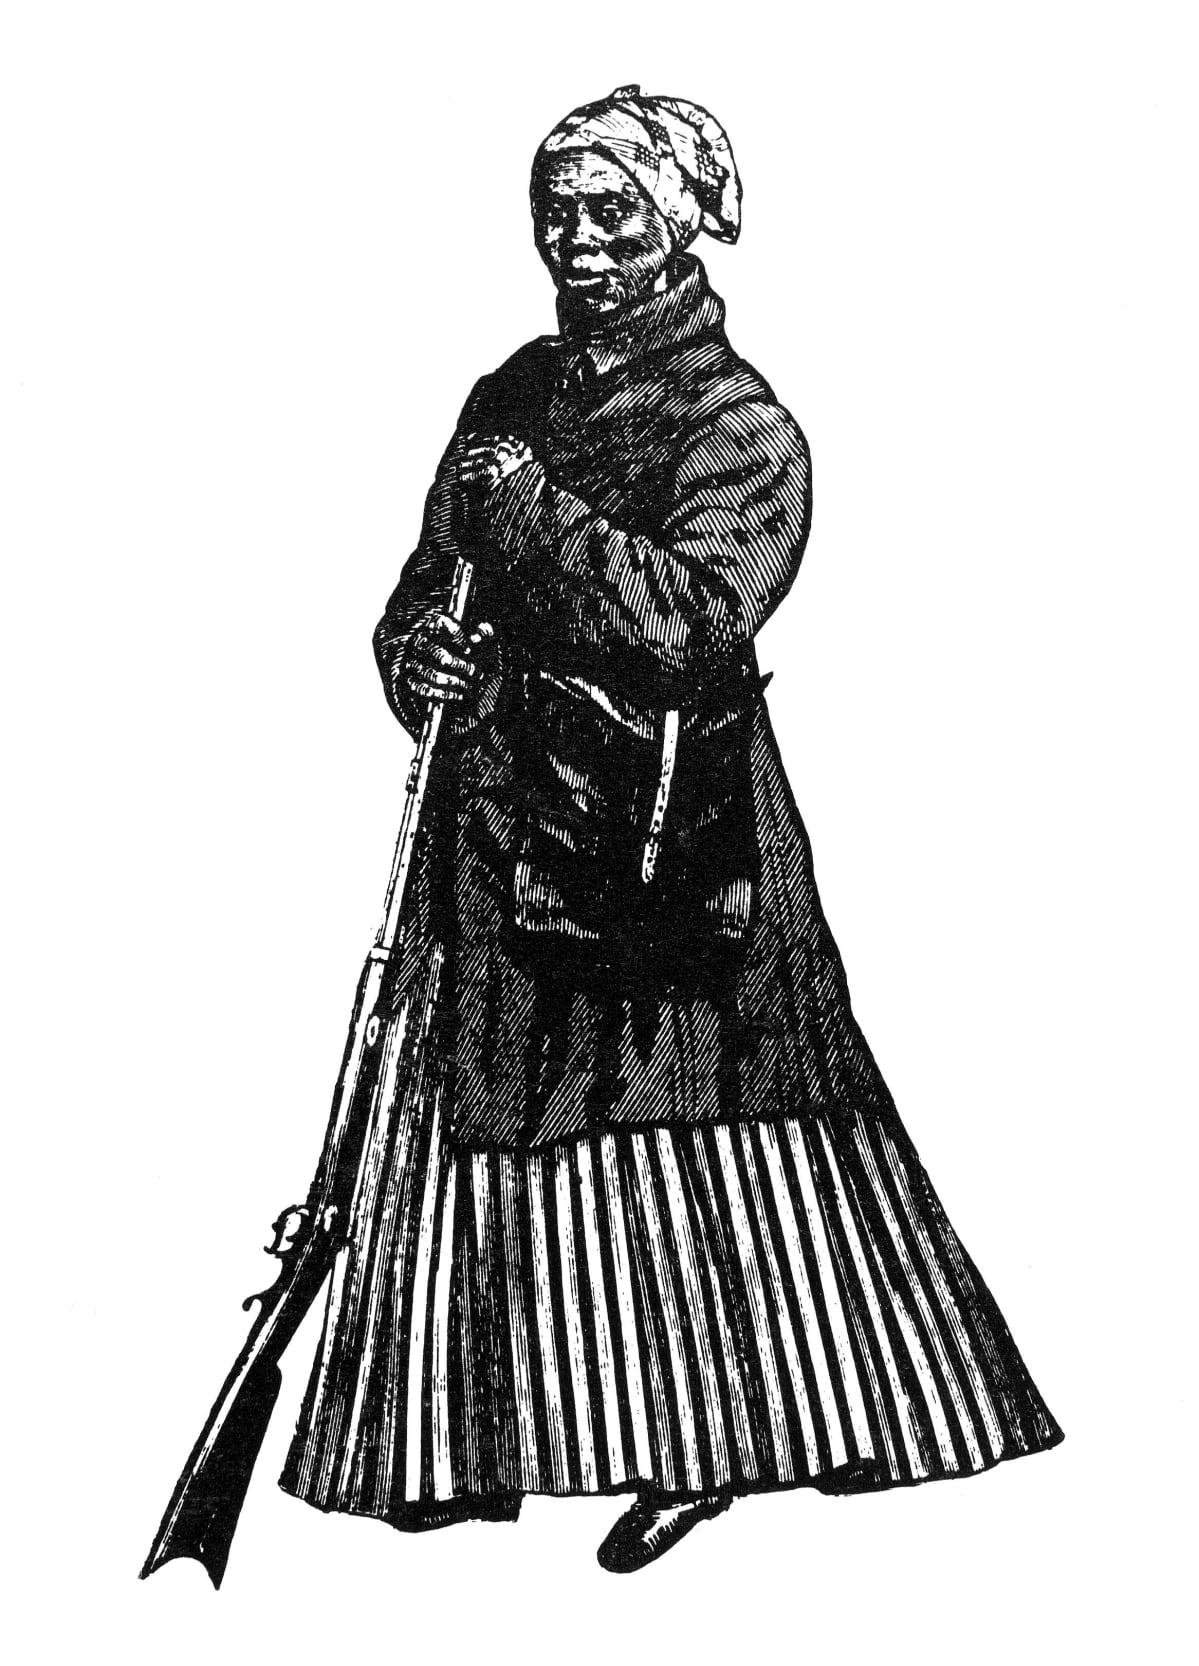 1800-luvun puukaiverrustyö esittää Harriet Tubmania. Hänellä on päässään huivi, yllään pitkä takki ja pitkä raidallinen hame. Käsissään hän pitää kivääriä.